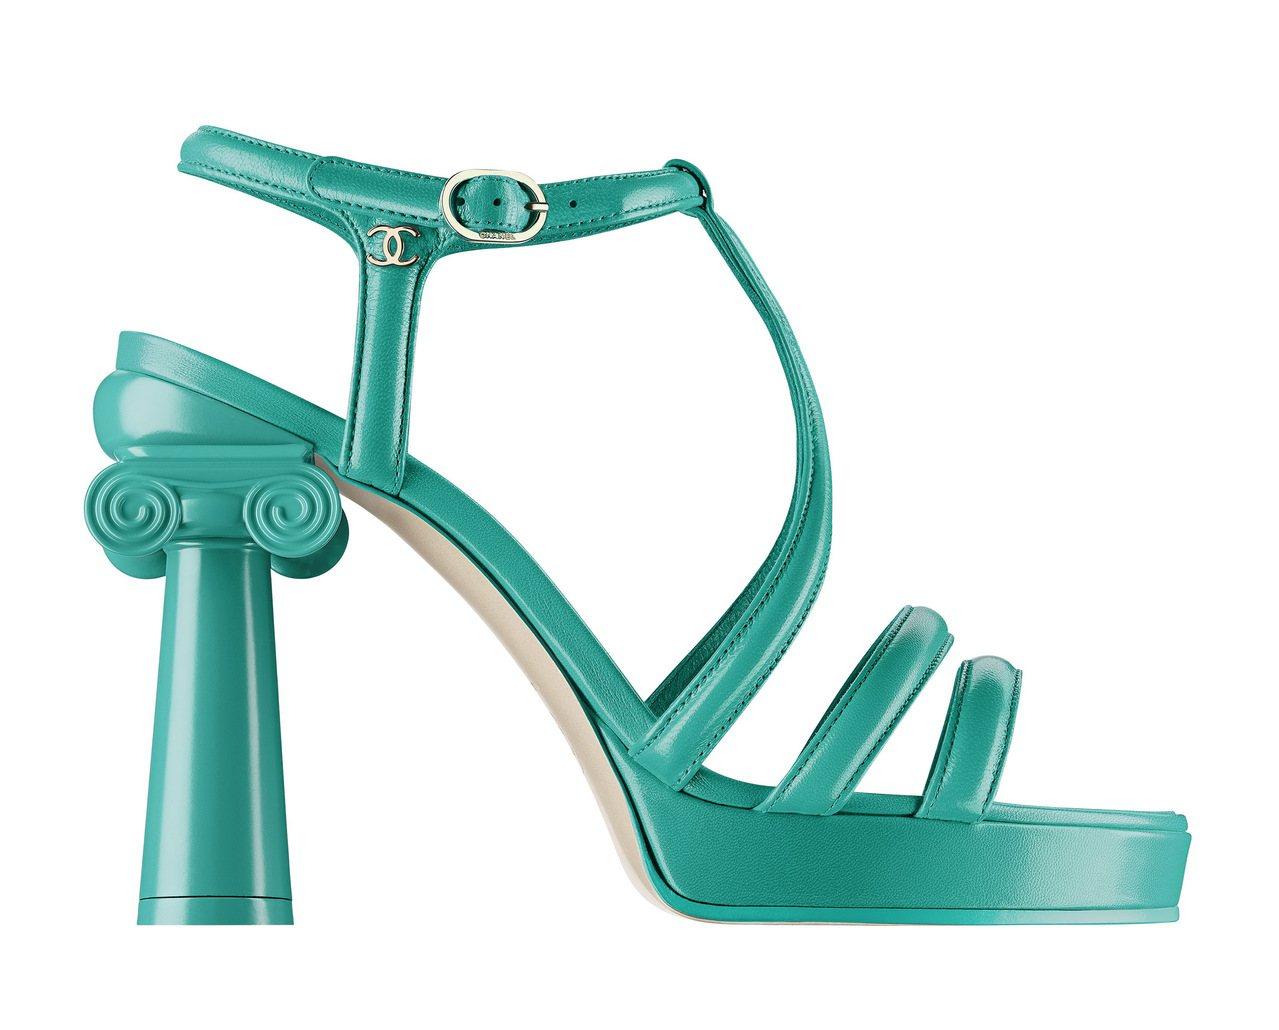 涼鞋配上宛如神廟石柱的鞋跟,以粉嫩亮彩色打造搶眼的質感。圖/香奈兒提供